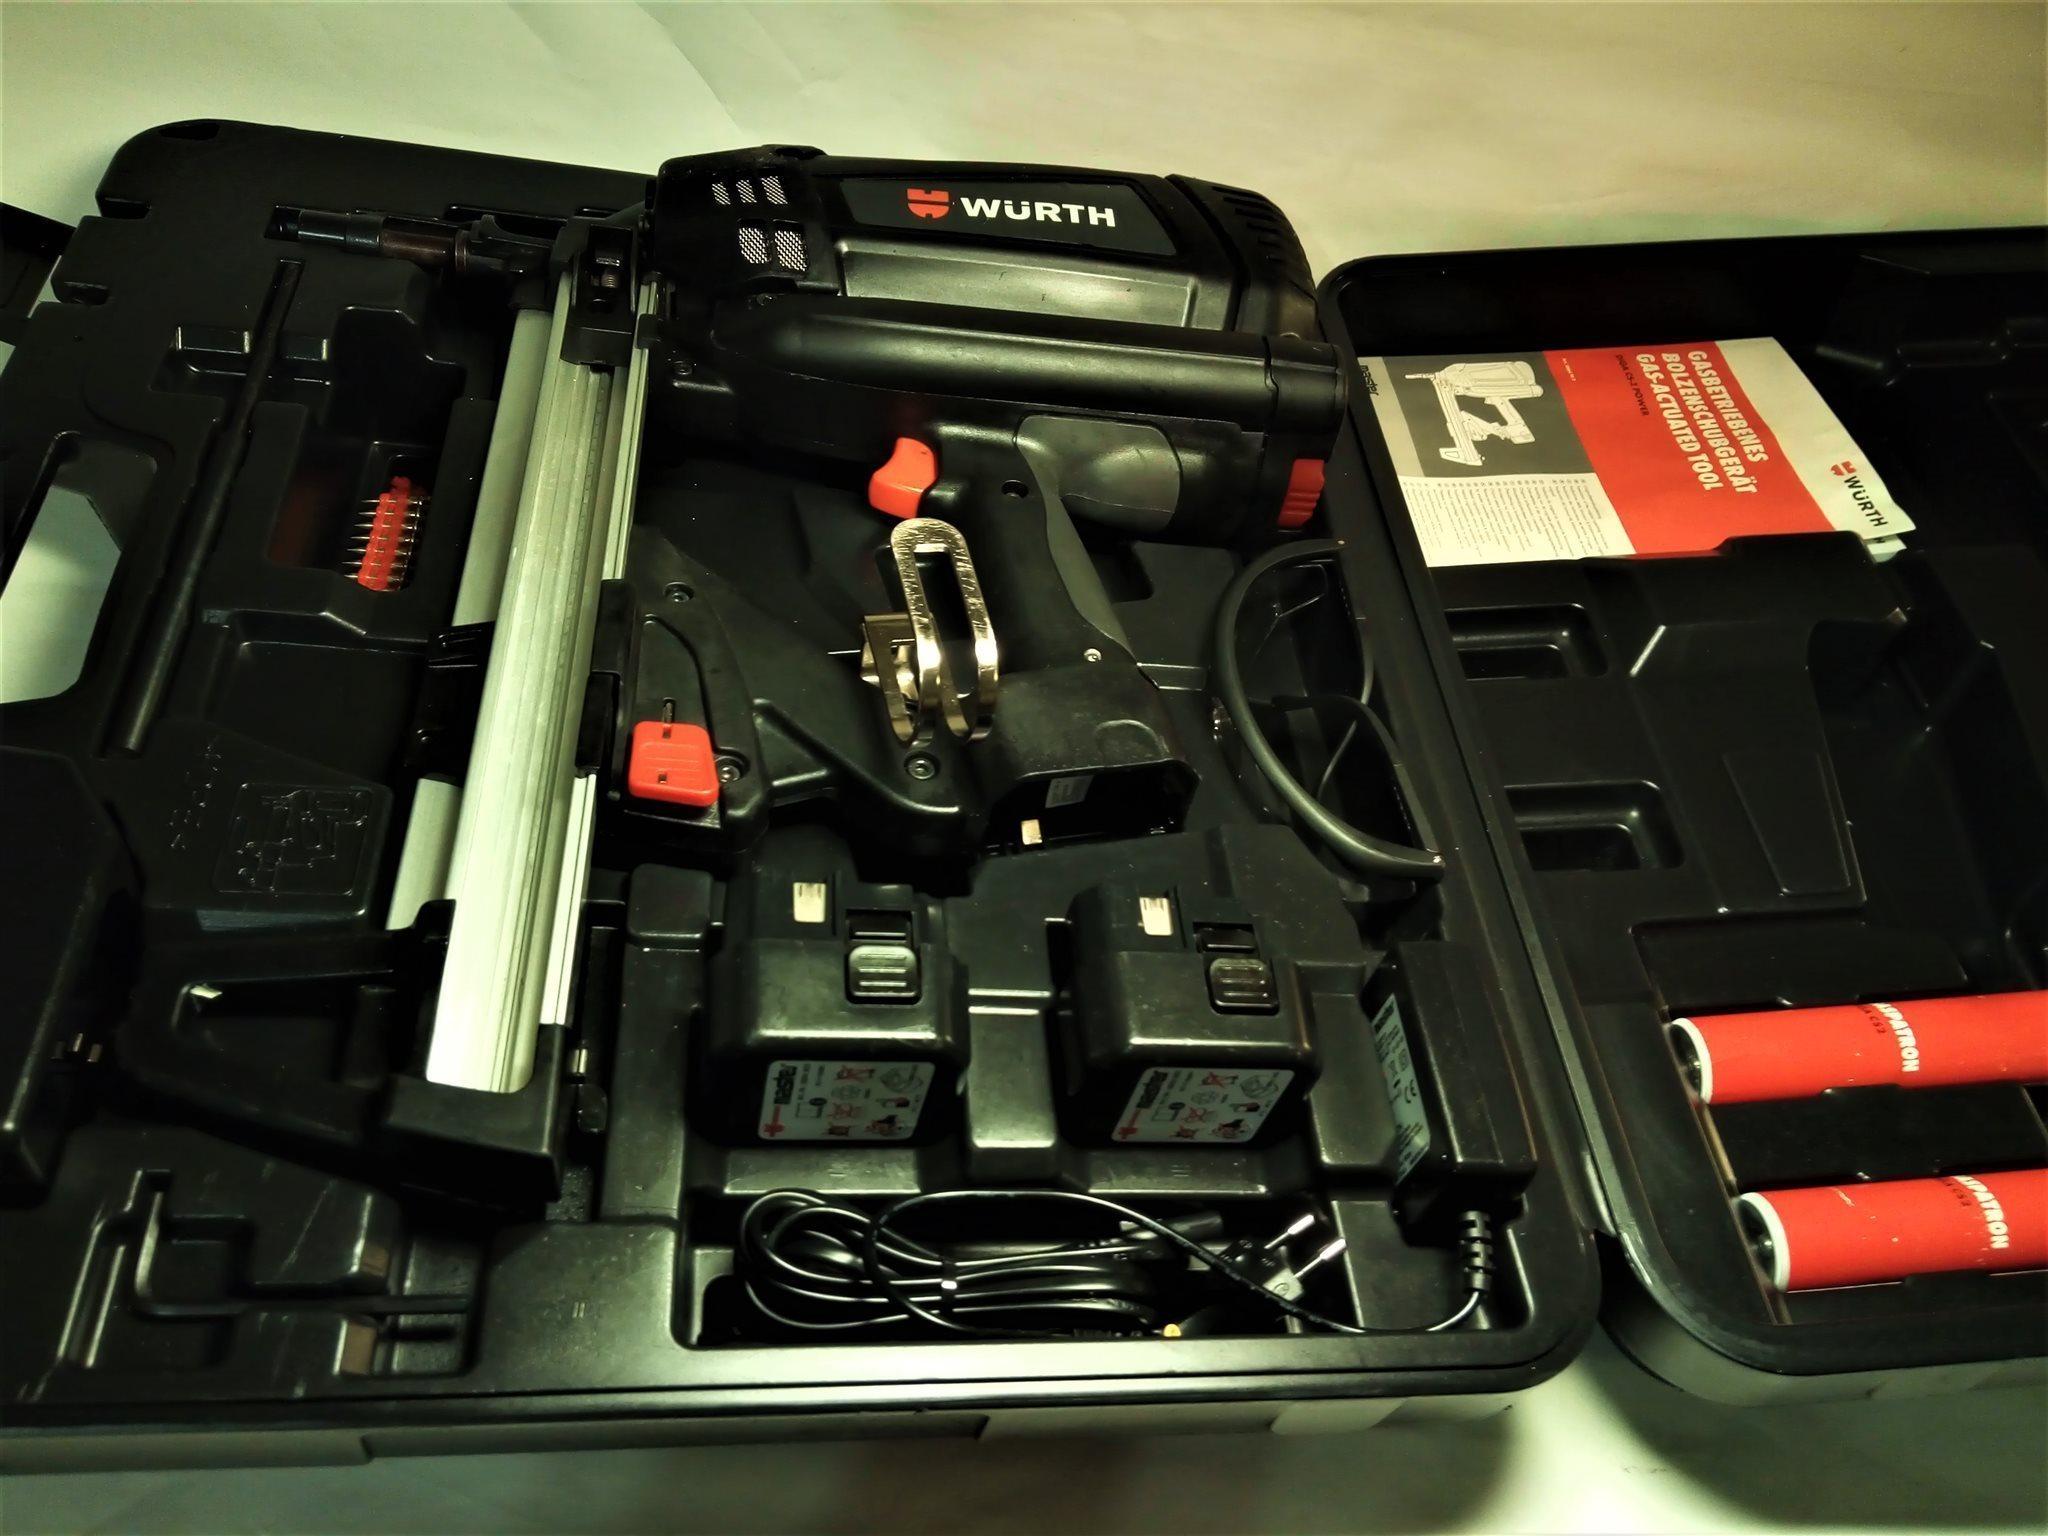 Würth Bultpistol Bultpistol Bultpistol DIGA ® CS-2 POWER Gasdriven bultpistol 1f2025